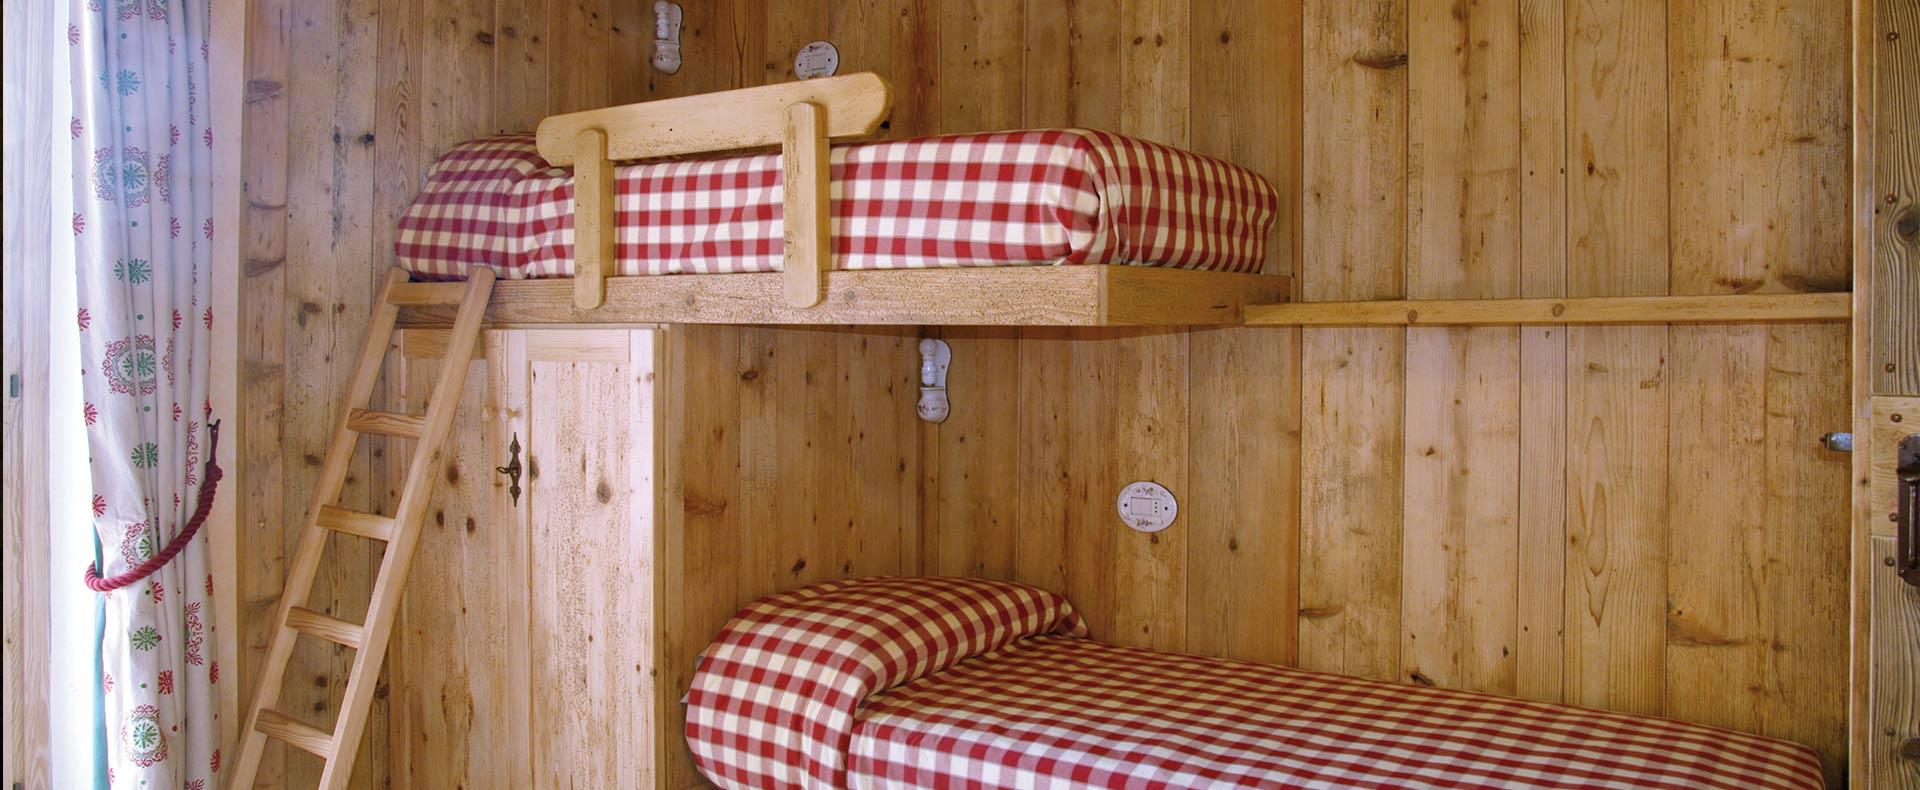 Arredamento camera da letto legno: arredamento camera da letto ...